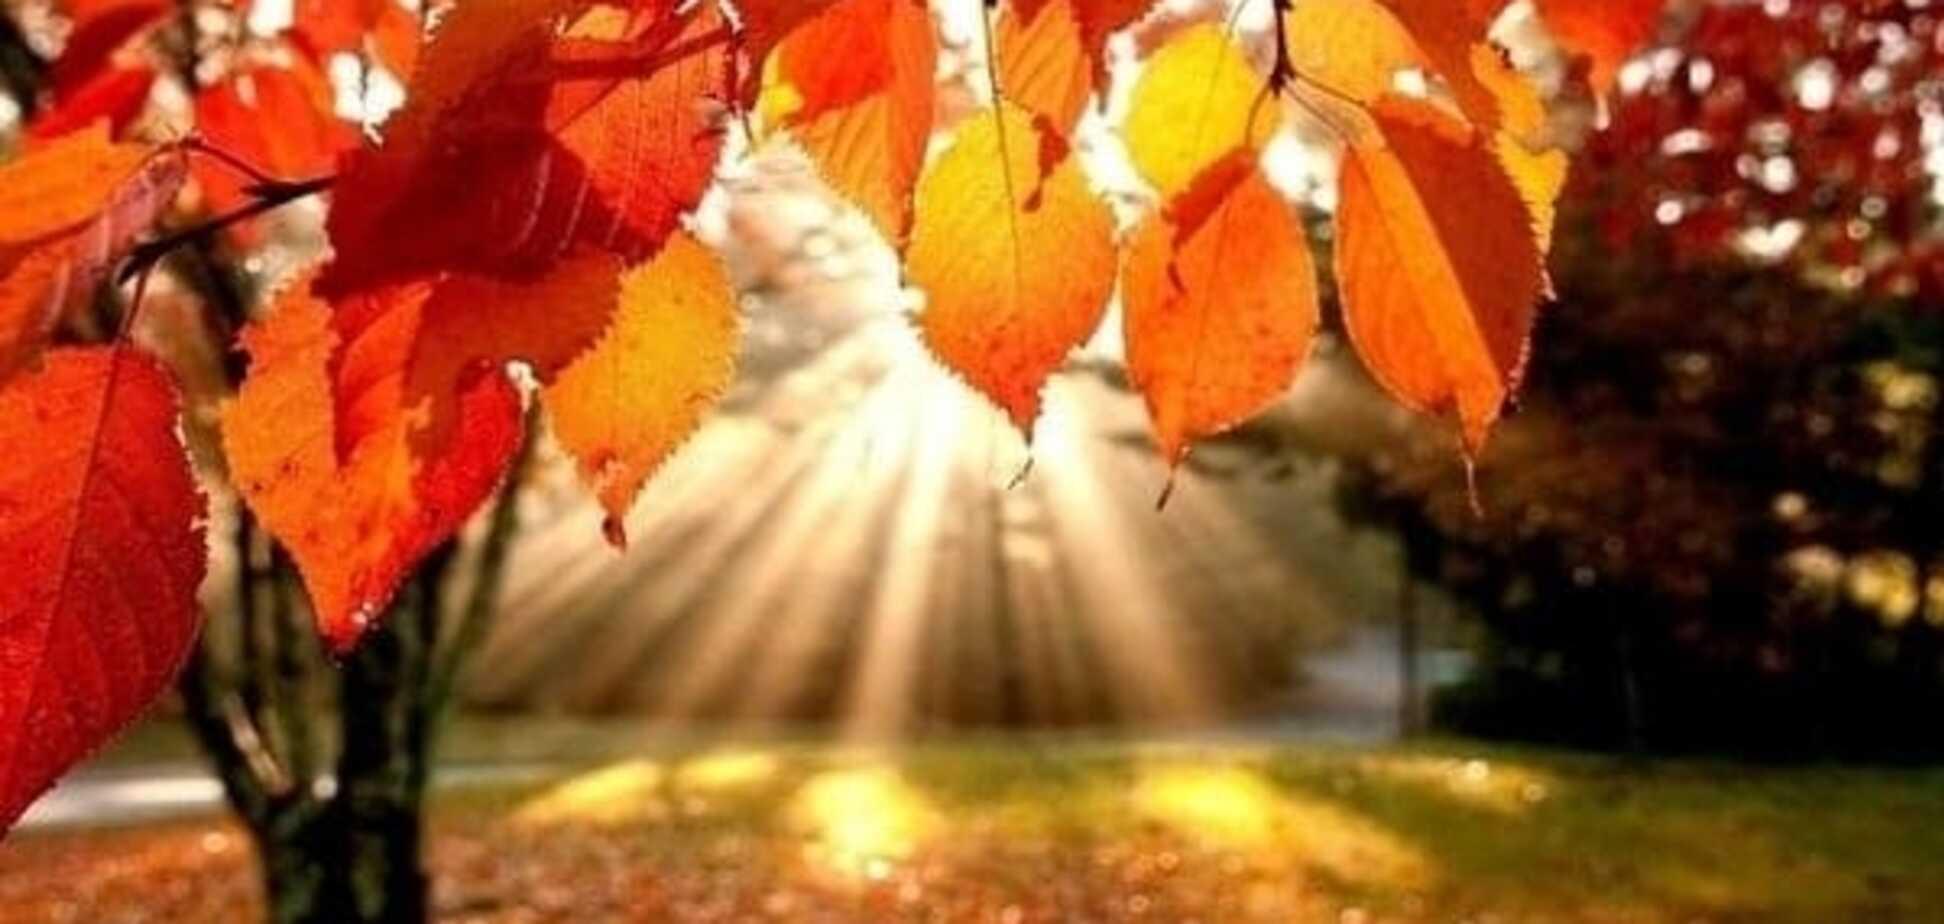 Осенний гороскоп: каким будет остаток осени для разных знаков зодиака